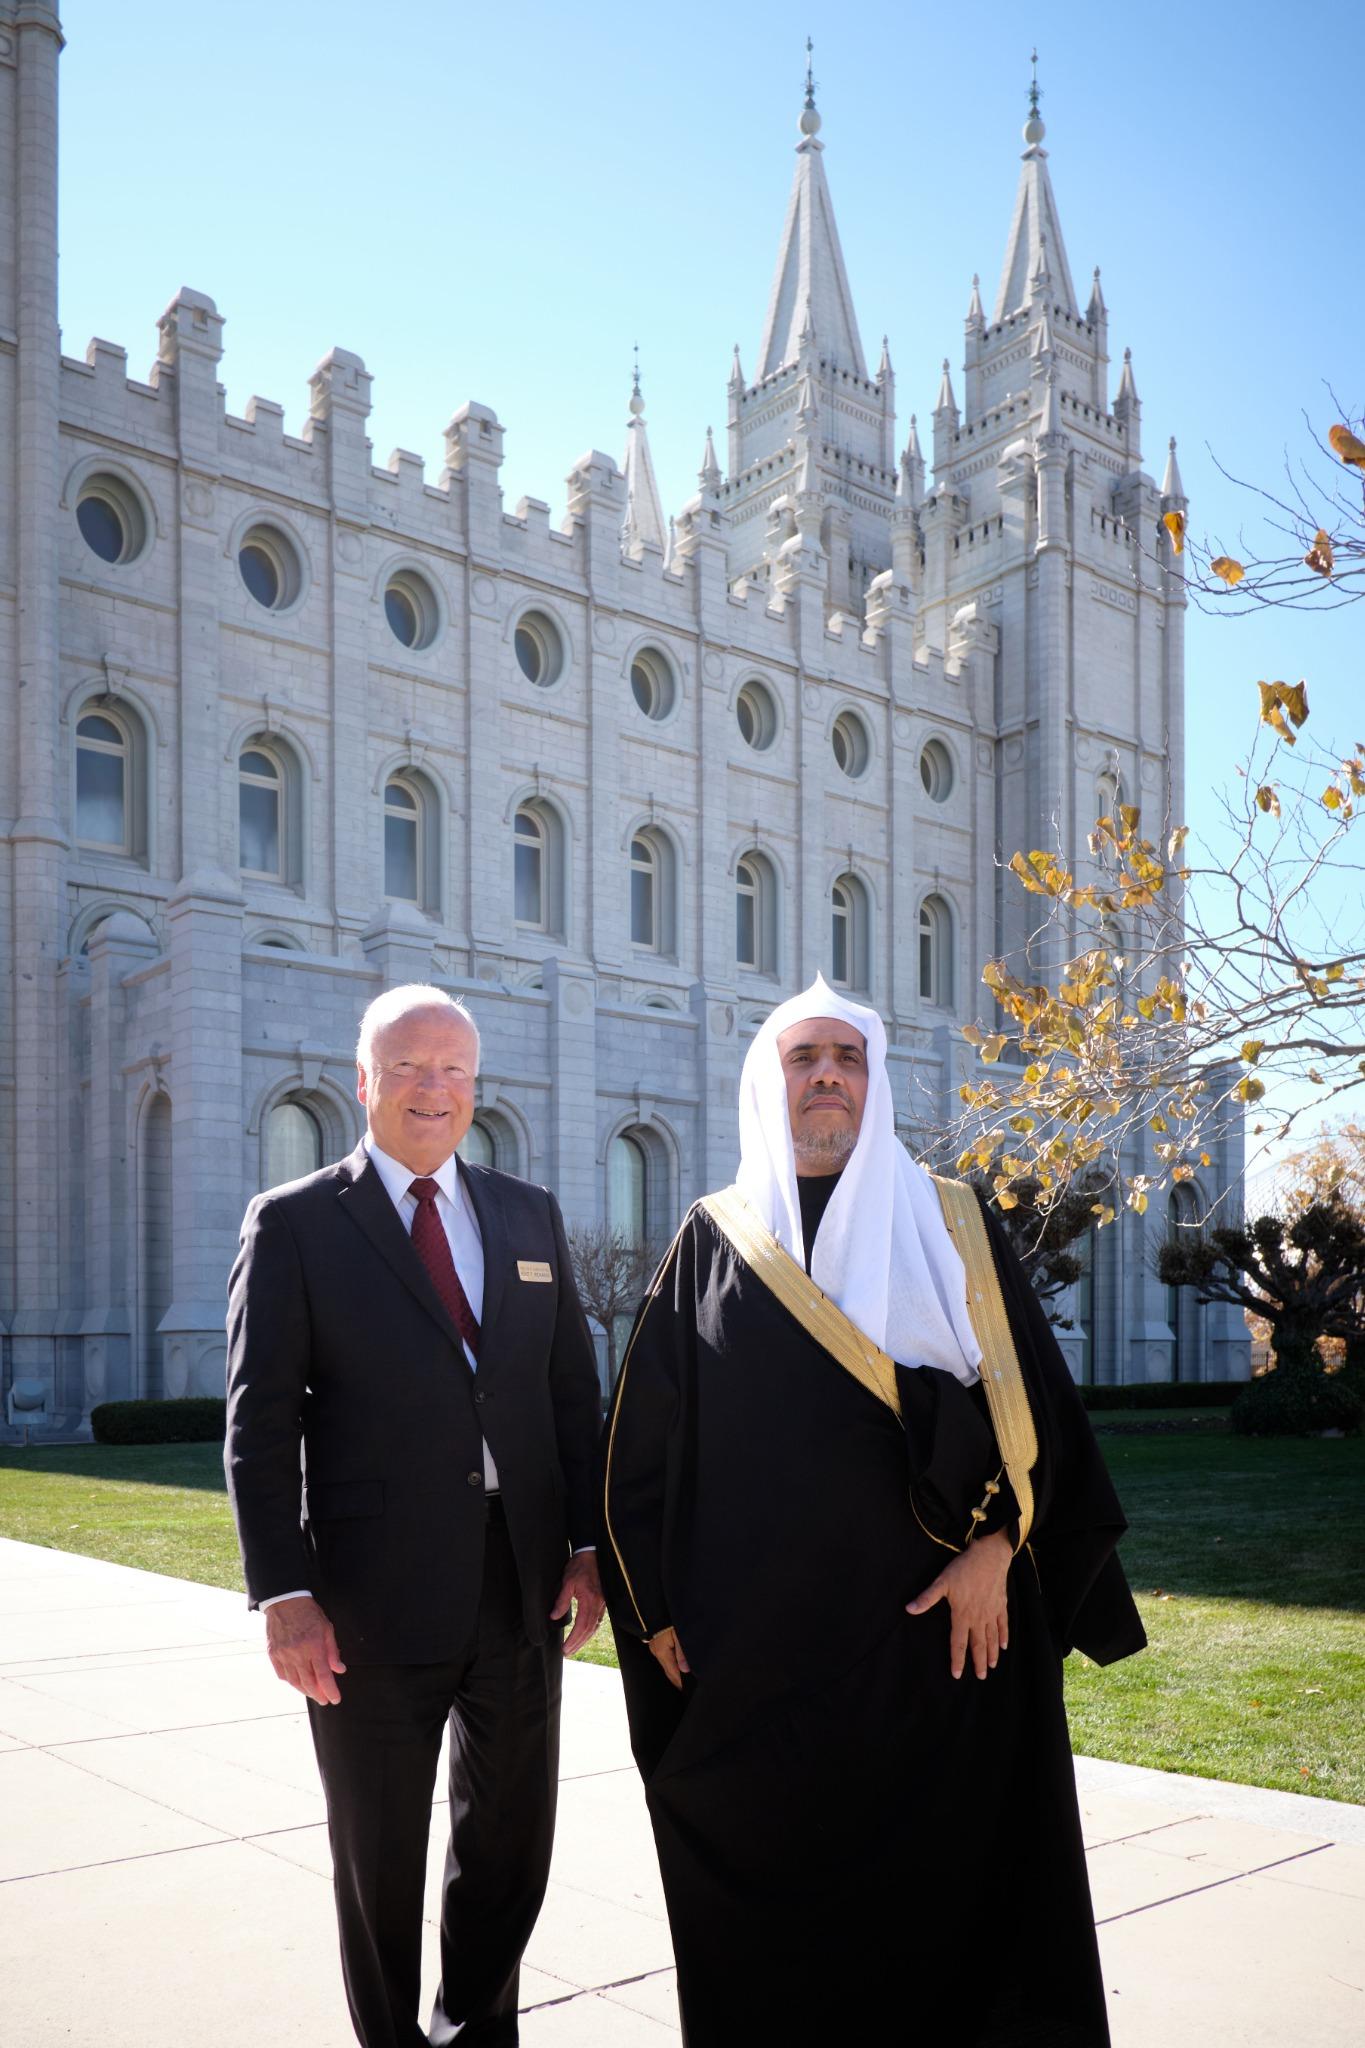 Sua Excelência o Dr. Mohammad Al-Issa, secretário-geral da Liga Mundial Muçulmana, visita a Praça do Templo em Salt Lake City em 5 de novembro de 2019, com o élder Kent F. Richards, diretor de Recepção da Igreja e setenta autoridade geral emérita.